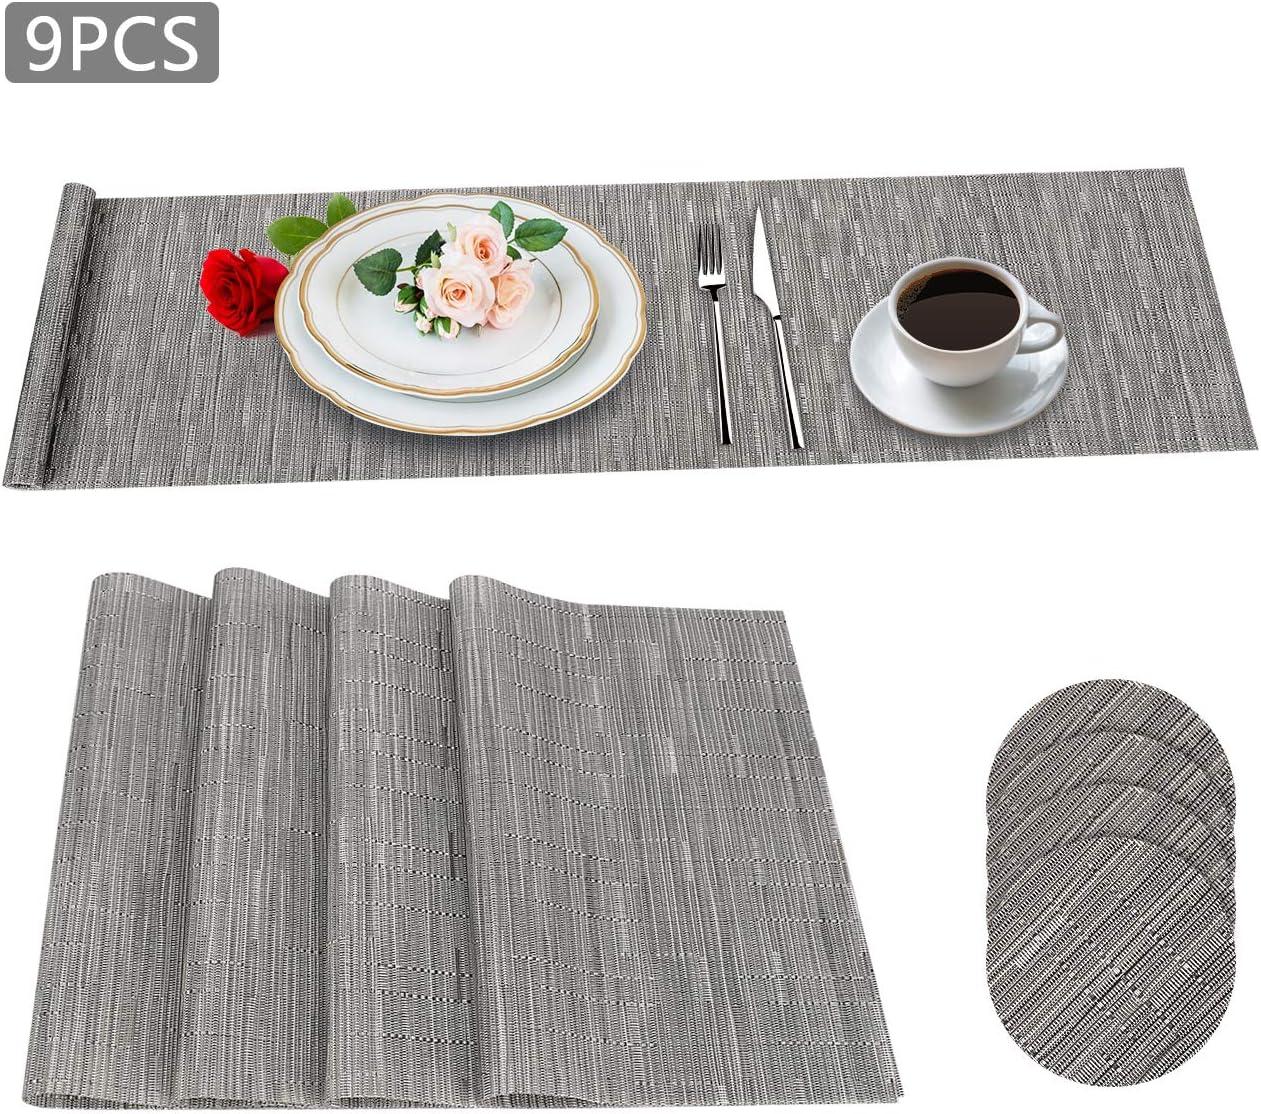 Aiglam Manteles Individuales Plastico, PVC Antideslizantes Mantel Conjunto,Woven Border Bronze Antideslizantes Resistente al Calor Juego para la Mesa de